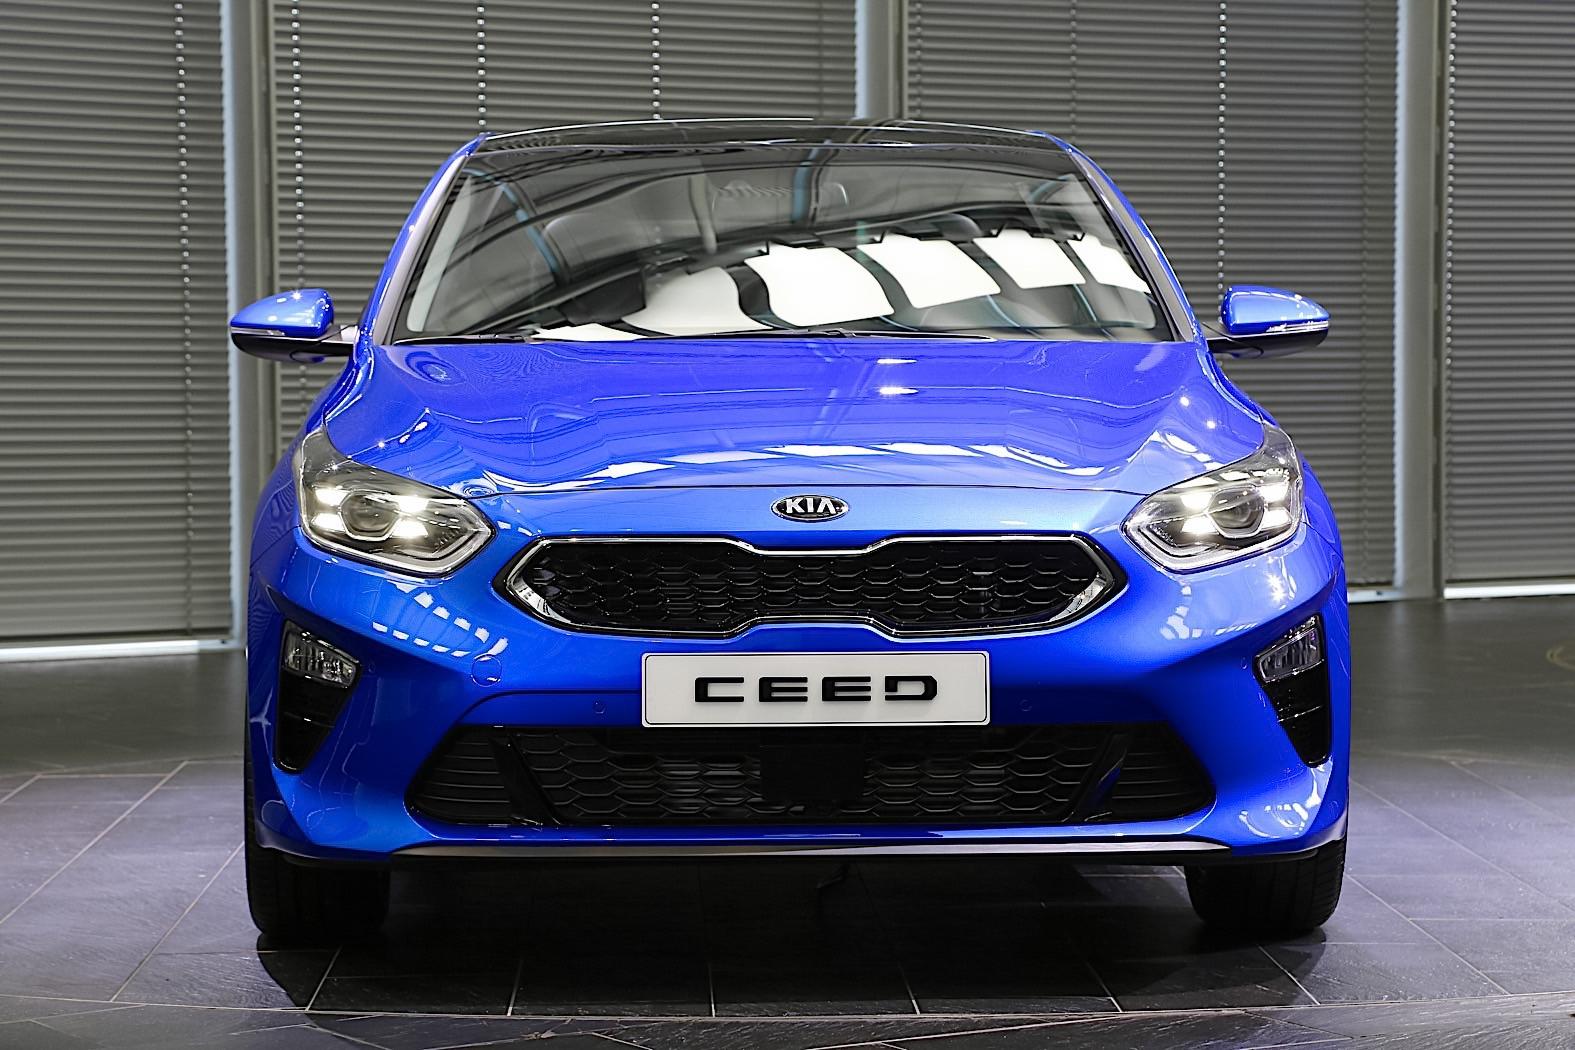 实拍|起亚全新两厢车Ceed 3月车展首发